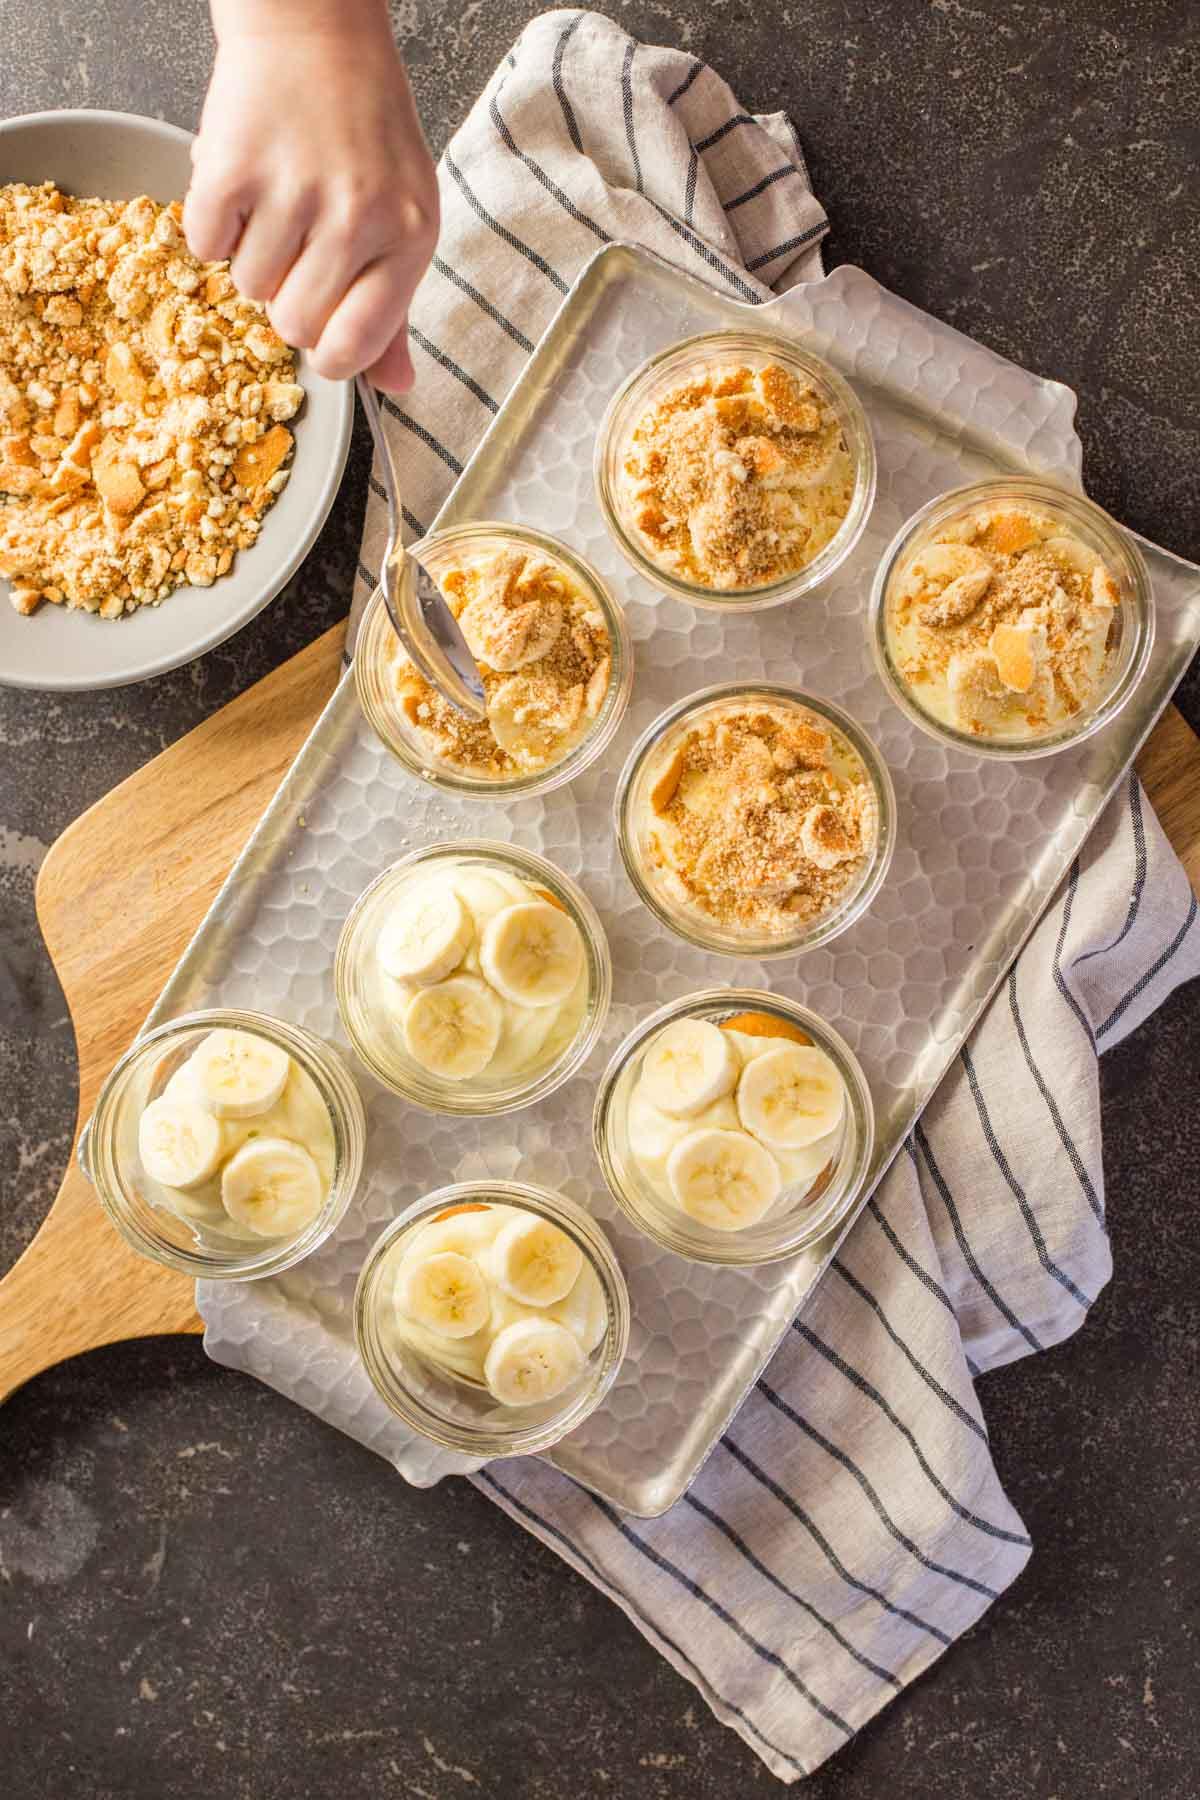 Spooning crushed Nilla wafers into individual banana pudding jars